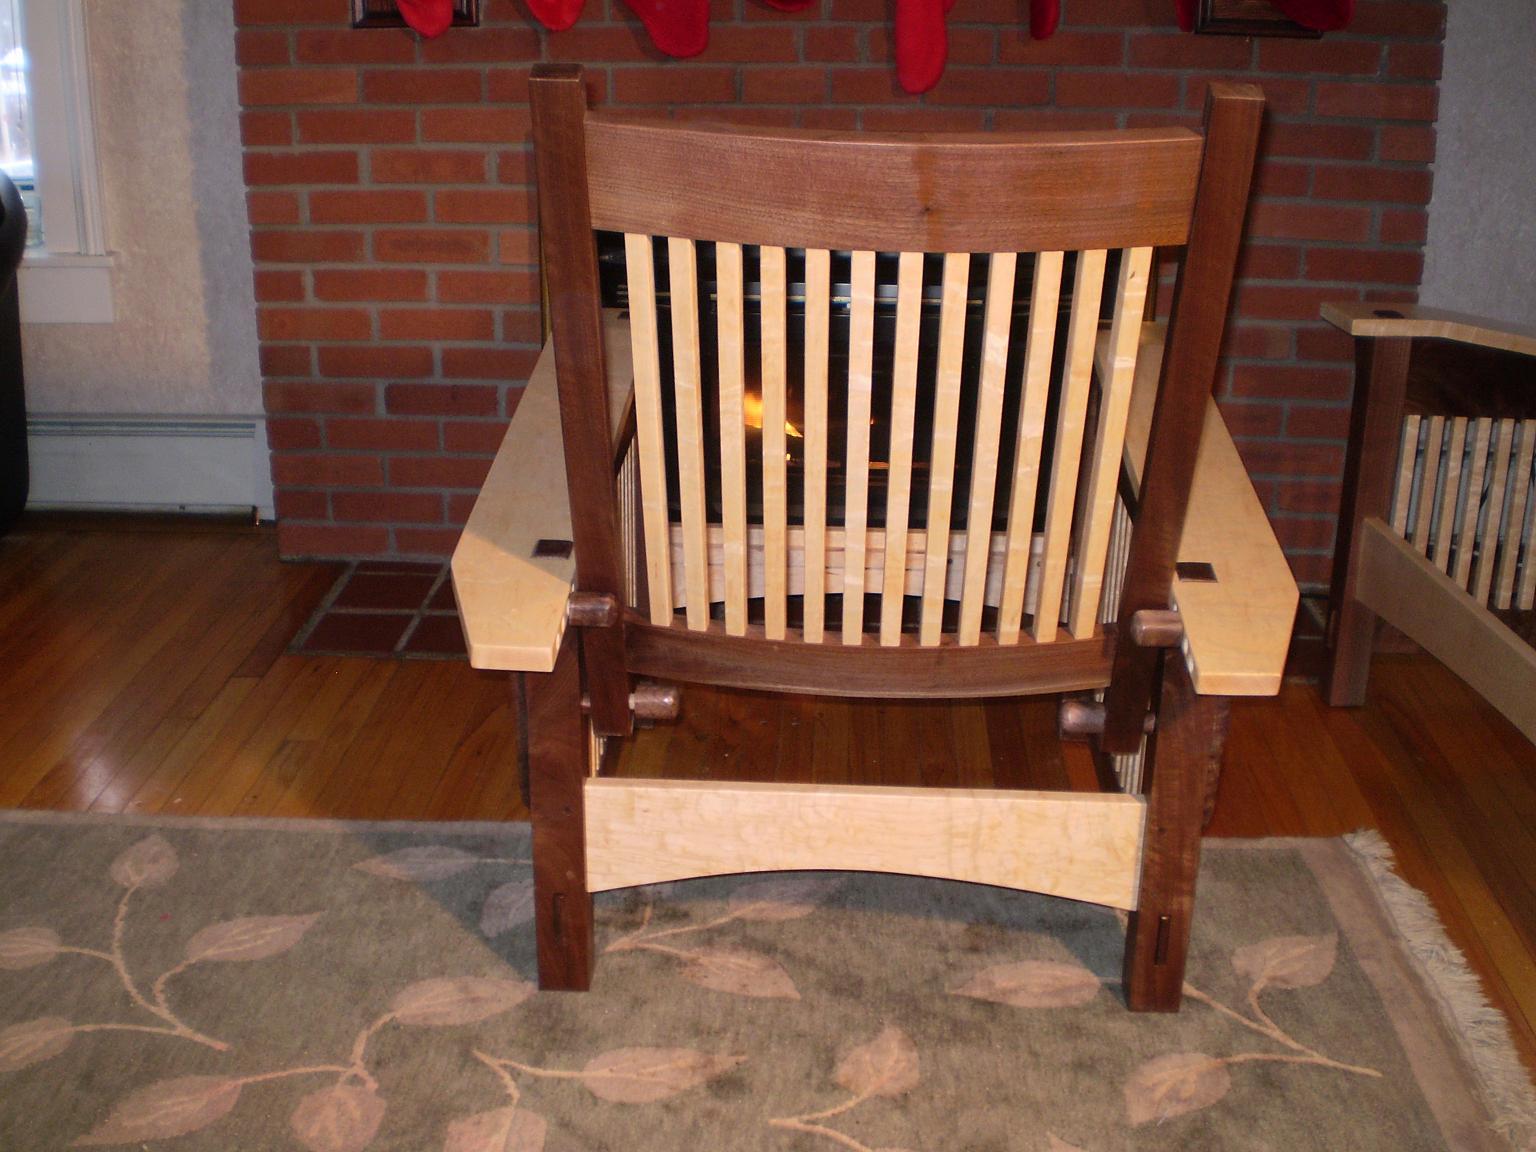 Morris chair plans - Chair Back